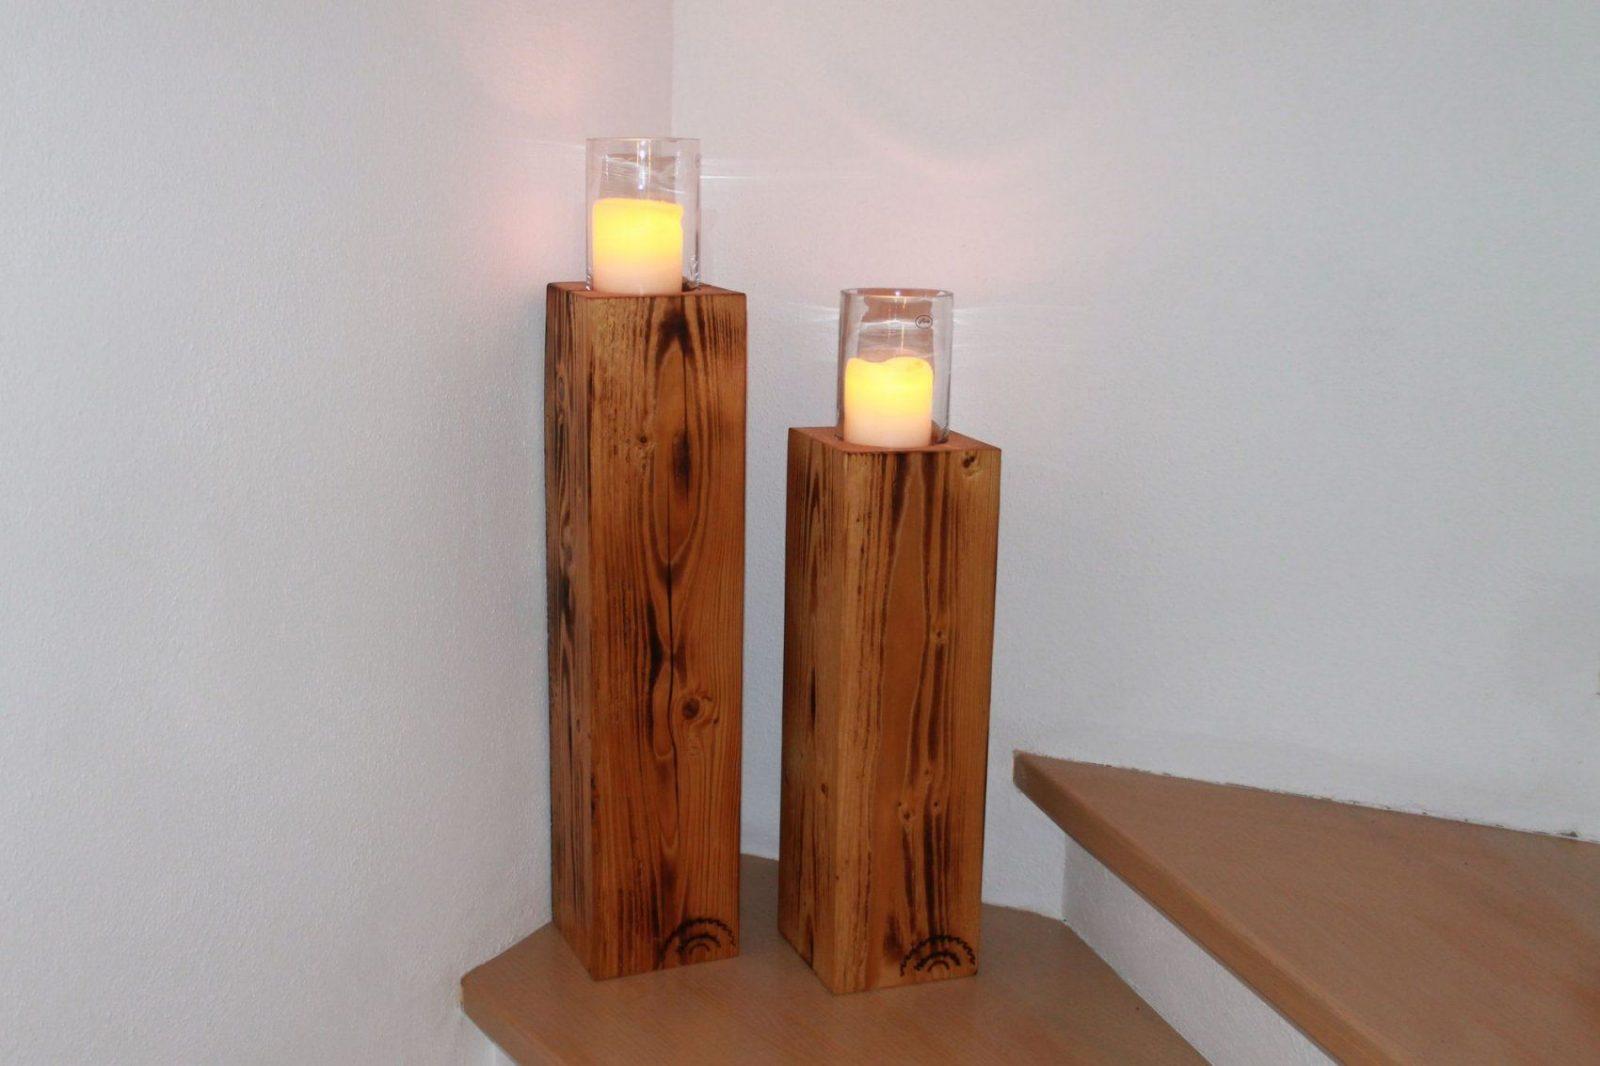 Zeitgenössisch Kerzenständer Holz Selber Bauen Kerzenständer Antik von Kerzenständer Selber Machen Holz Bild